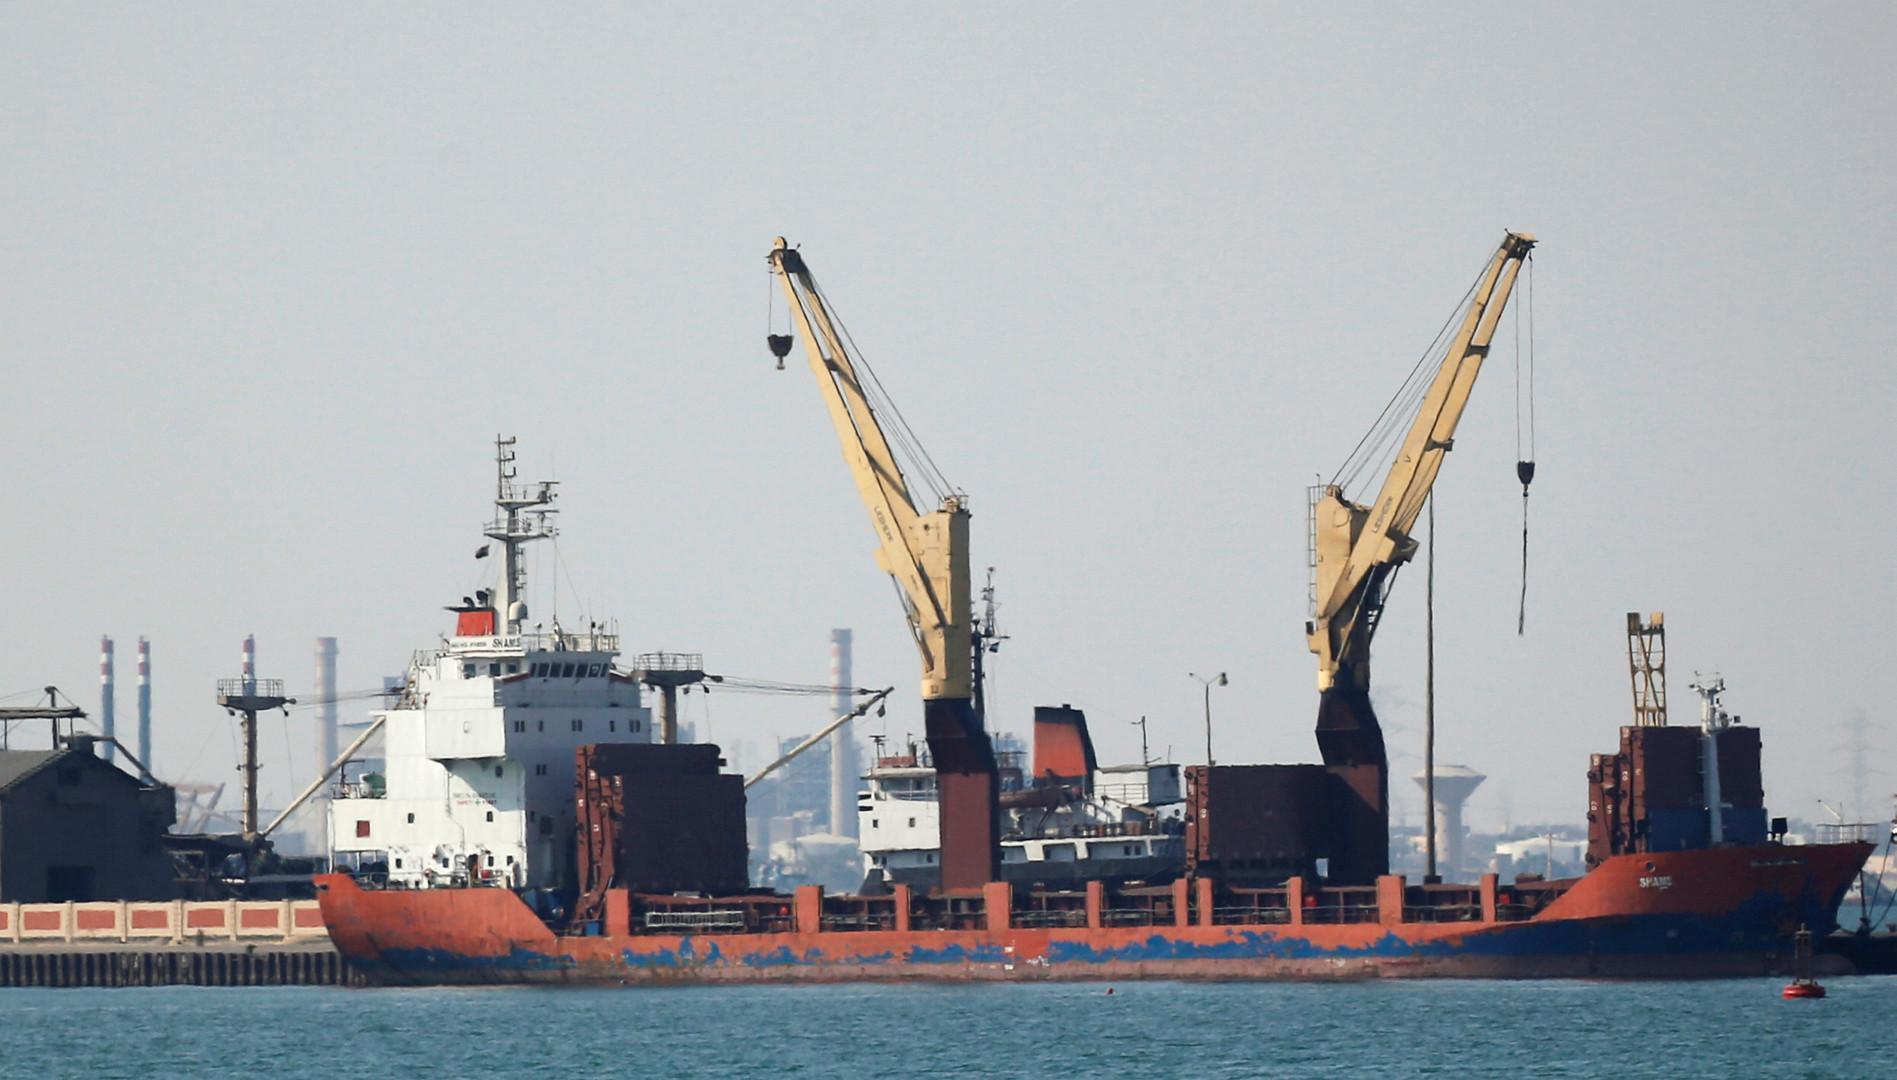 رقم قياسي في التبادل التجاري بين تركيا ومصر رغم التوتر بين البلدين